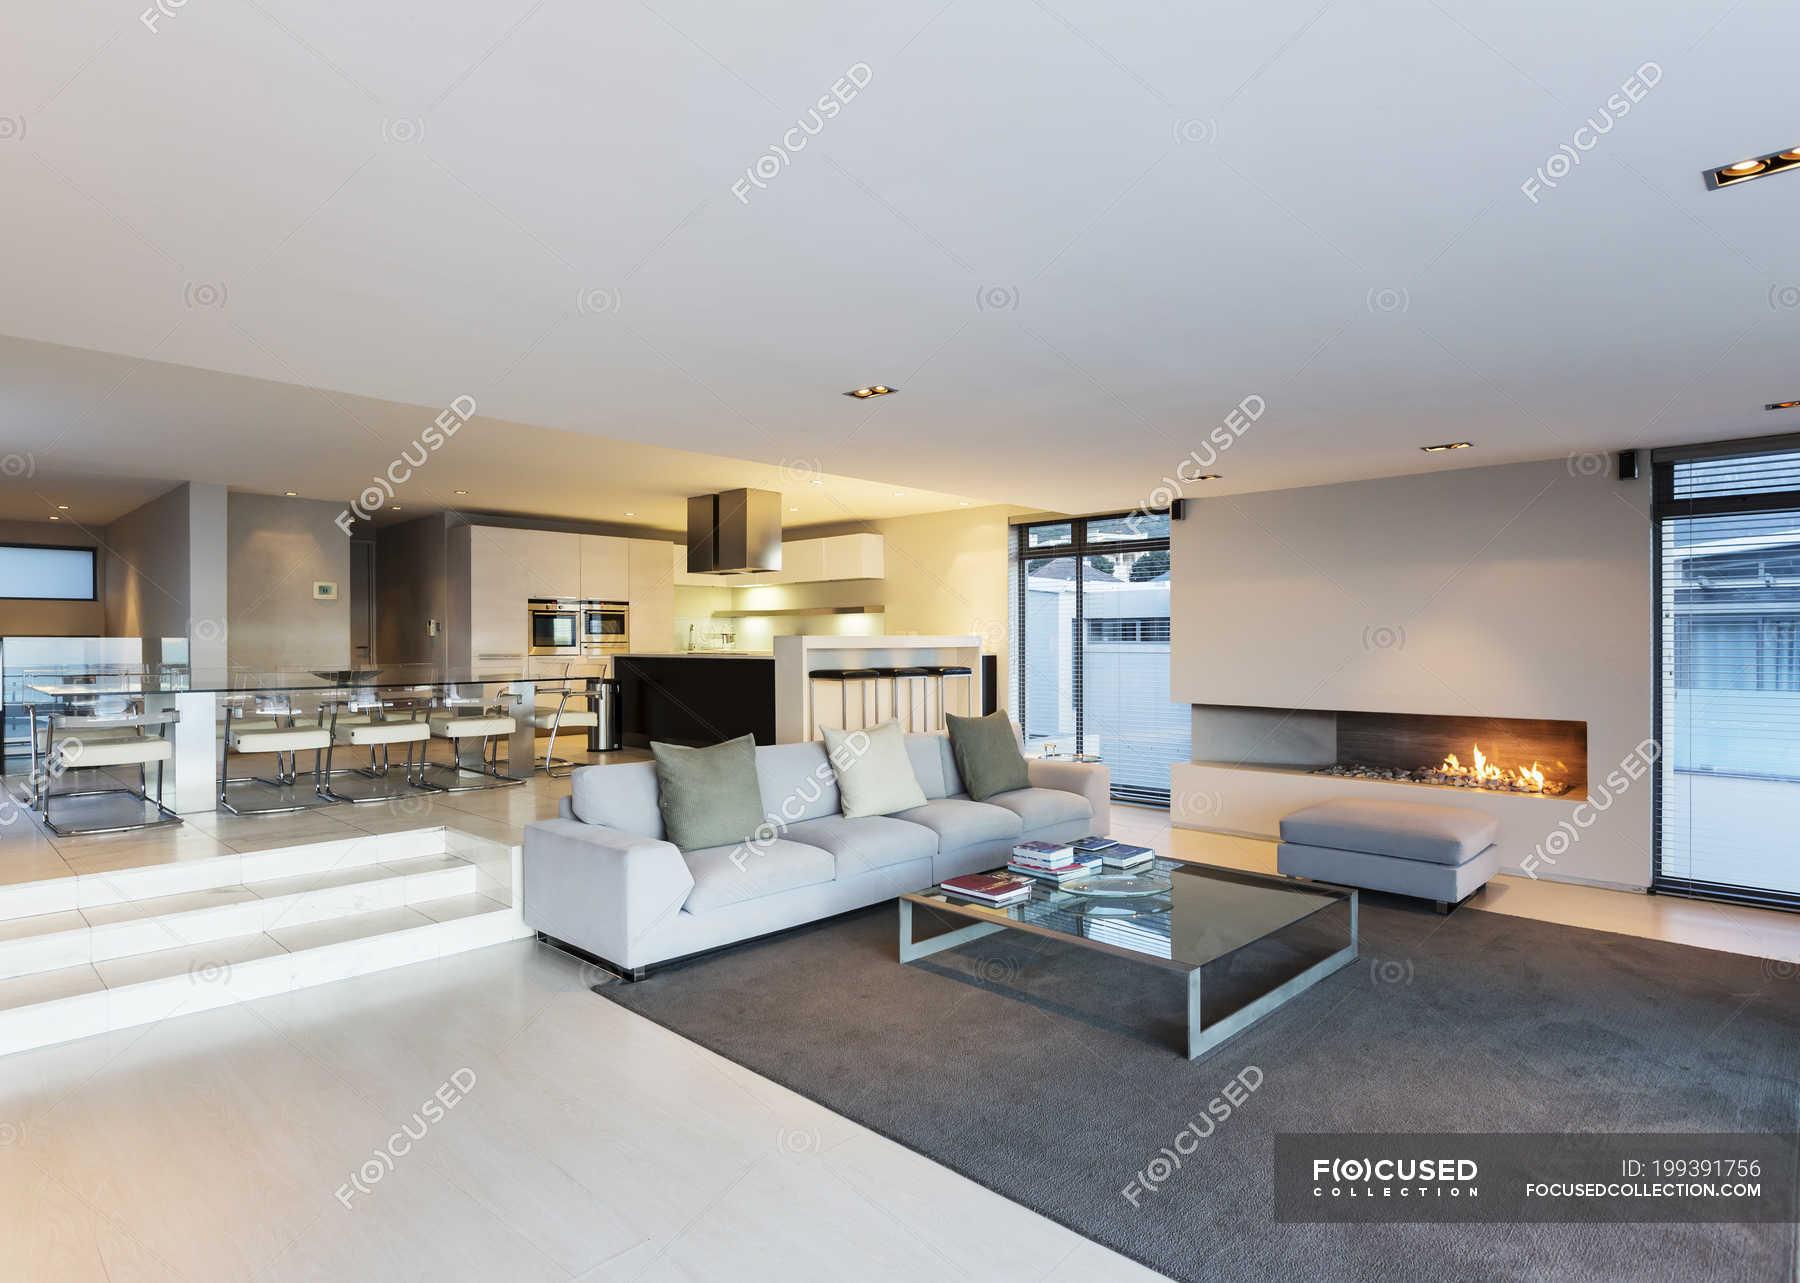 Modernes Luxus Haus Vitrine Wohnzimmer Mit Gas Kamin Architektur Plan Offnen Stock Photo 199391756